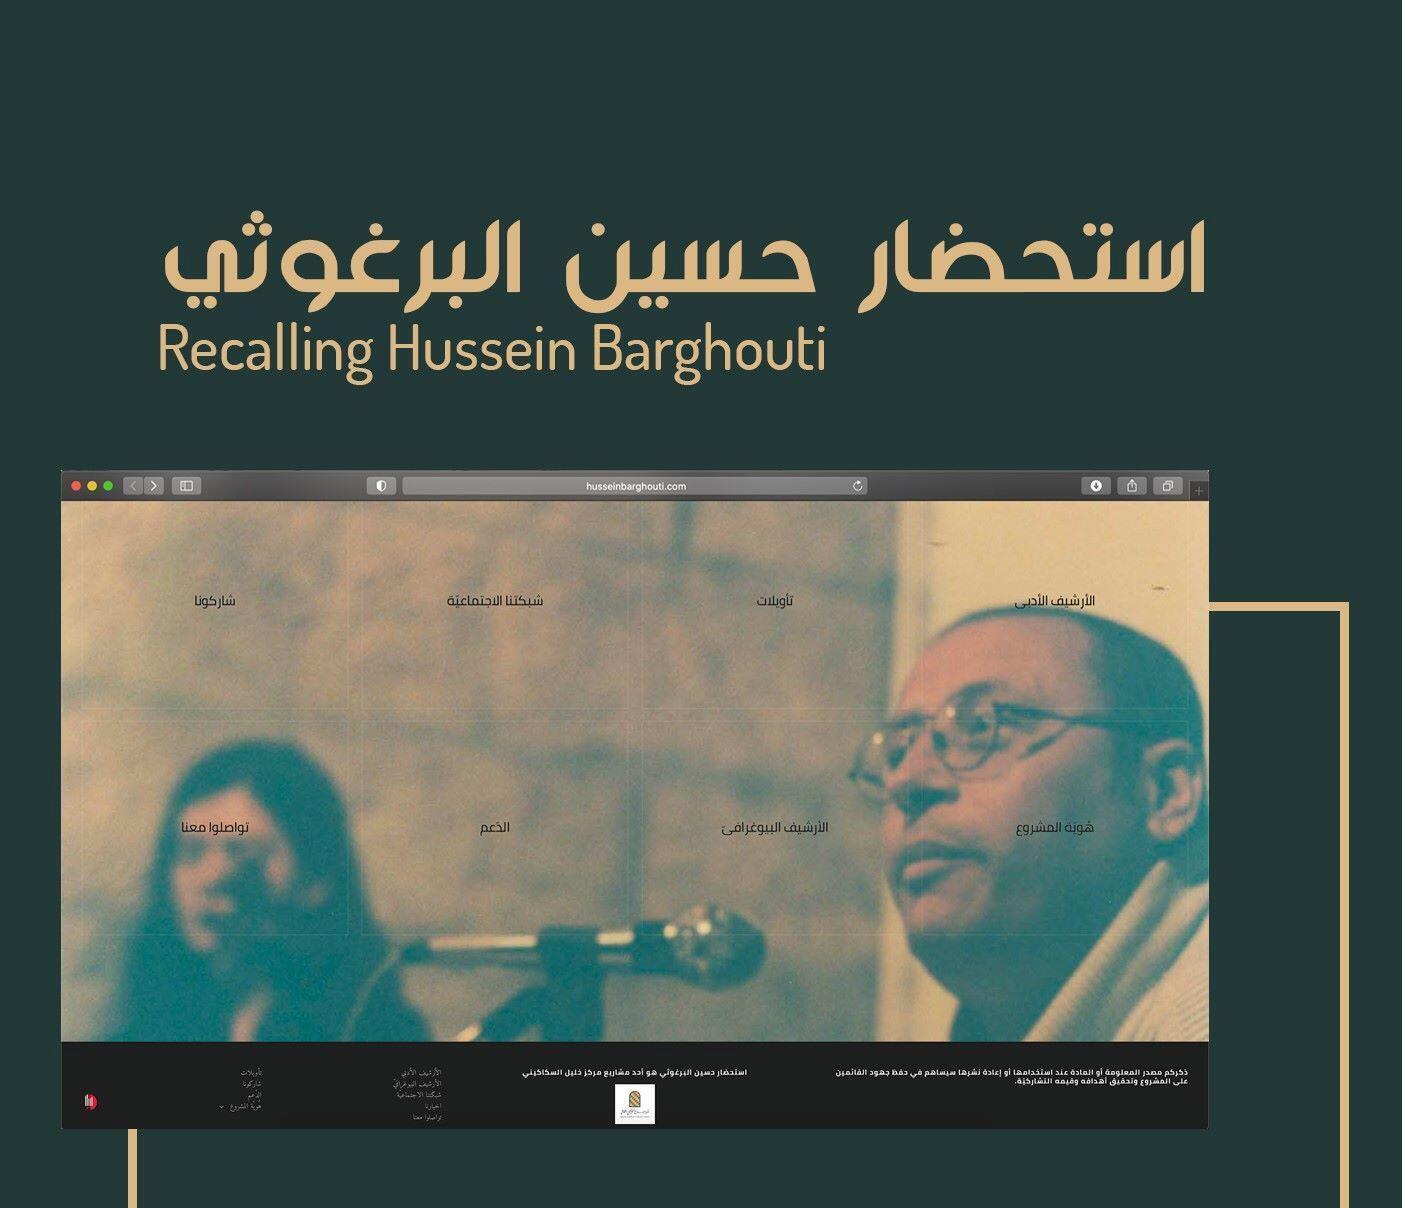 hussein_barghouti_recalling